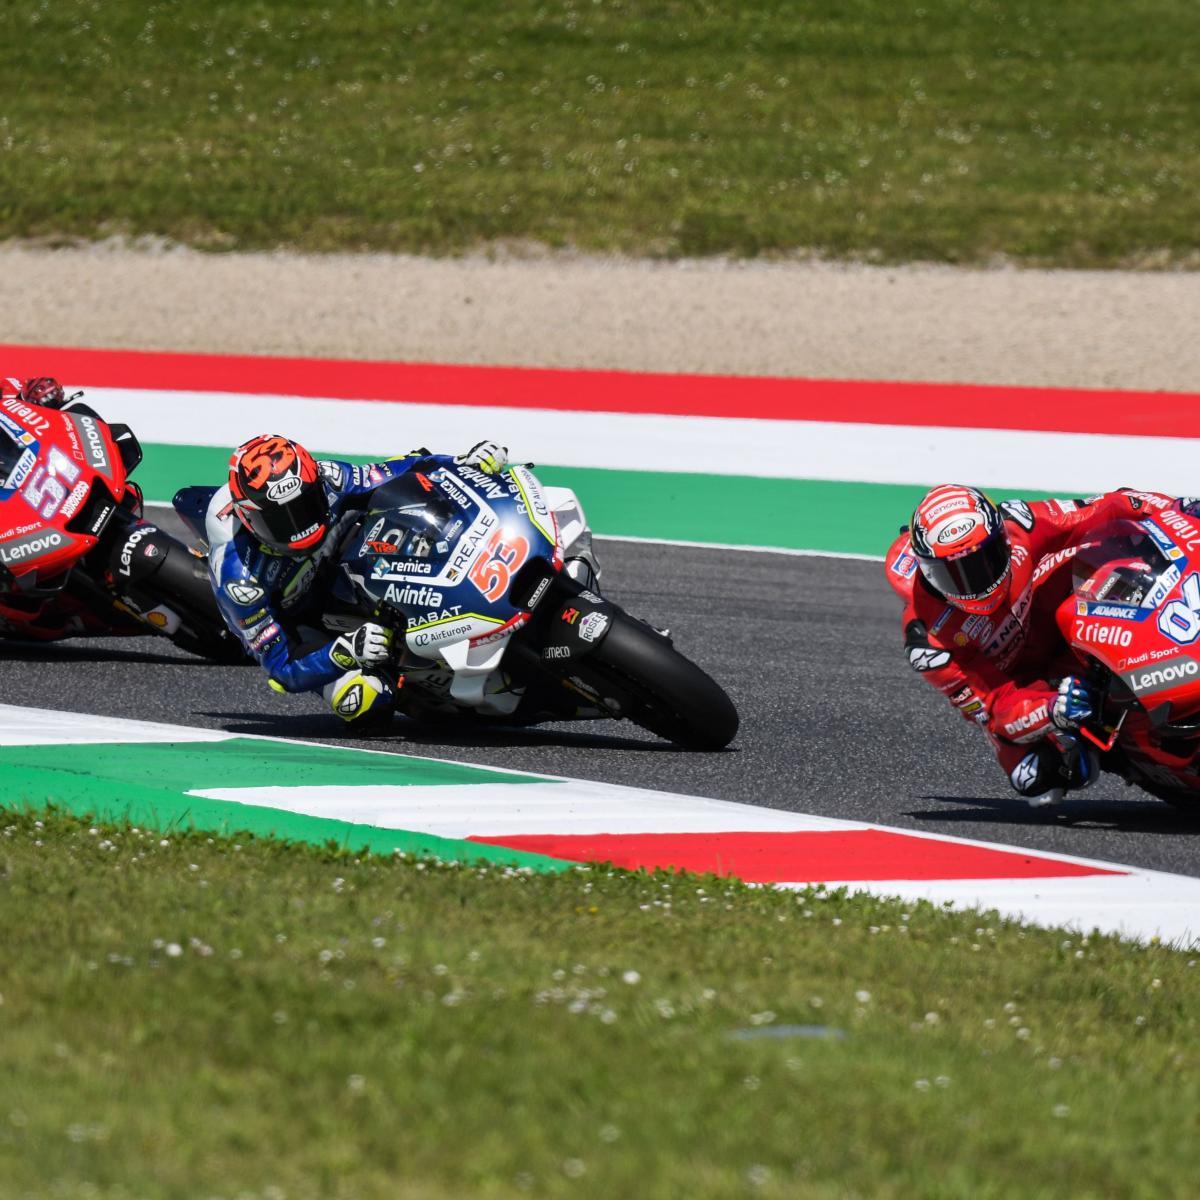 MotoGP Grand Prix Of Italy 2019 Results: Danilo Petrucci